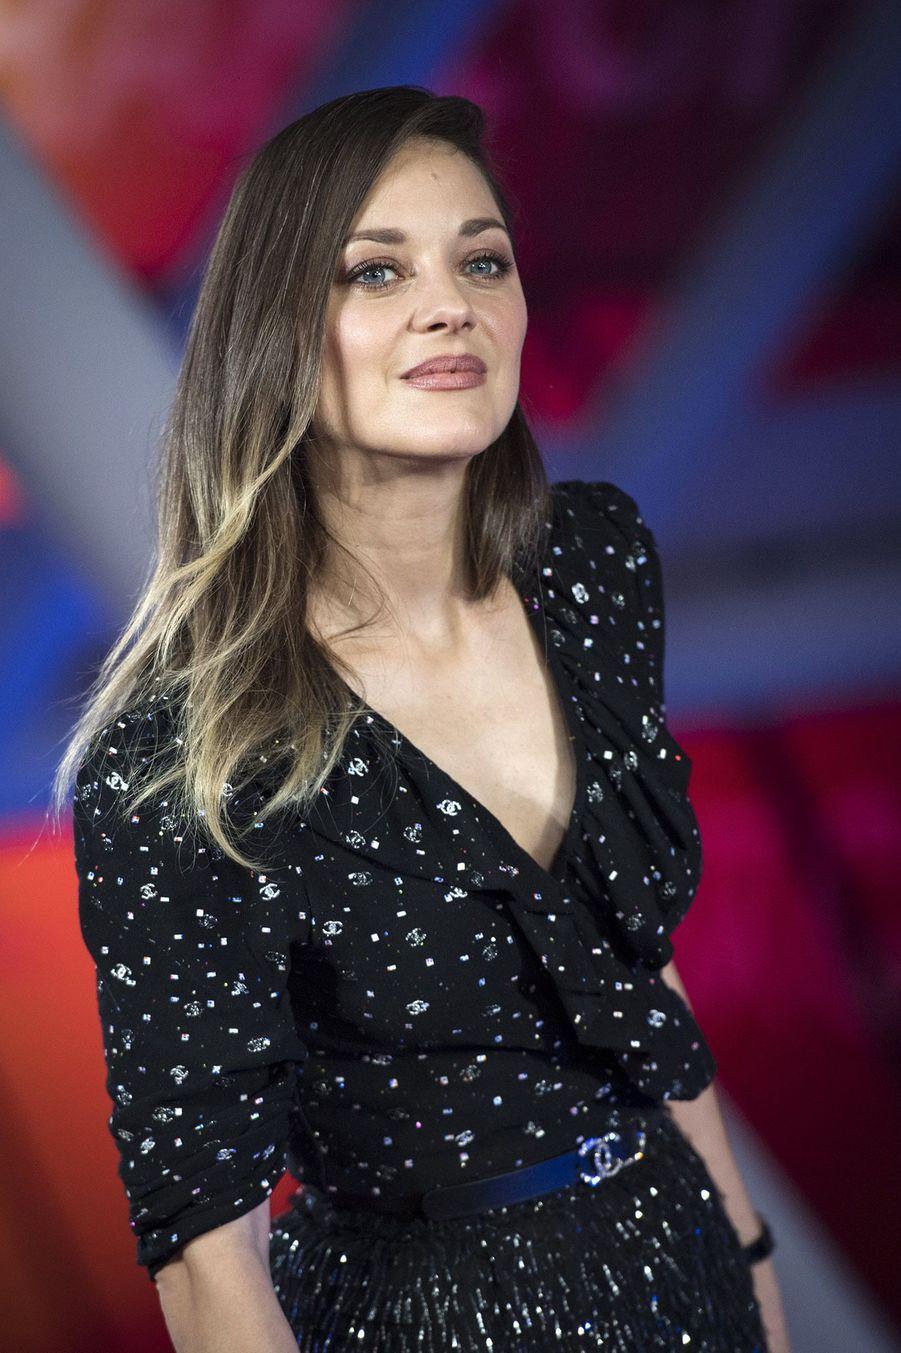 Marion Cotillard,à l'ouverture du festival international du film deMarrakech, le 29 novembre 2019.